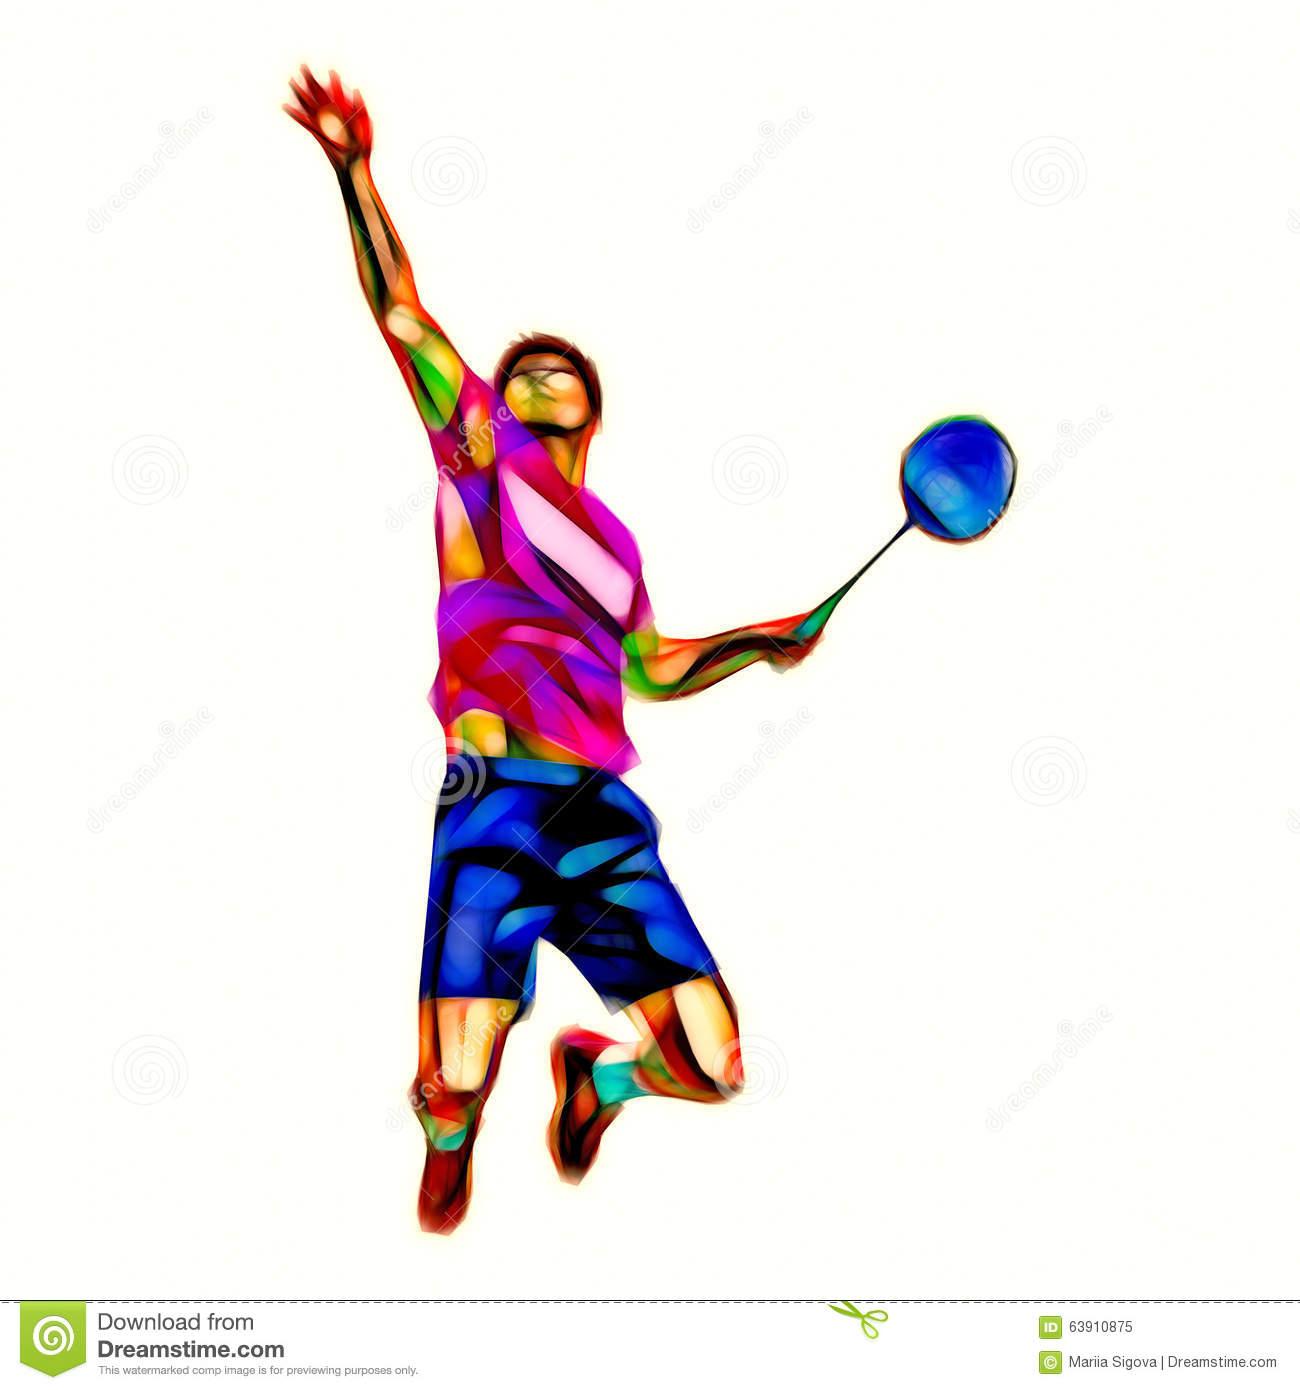 Smash clipart Smack Clipart Smash Badminton Illustrations Badminton clipart